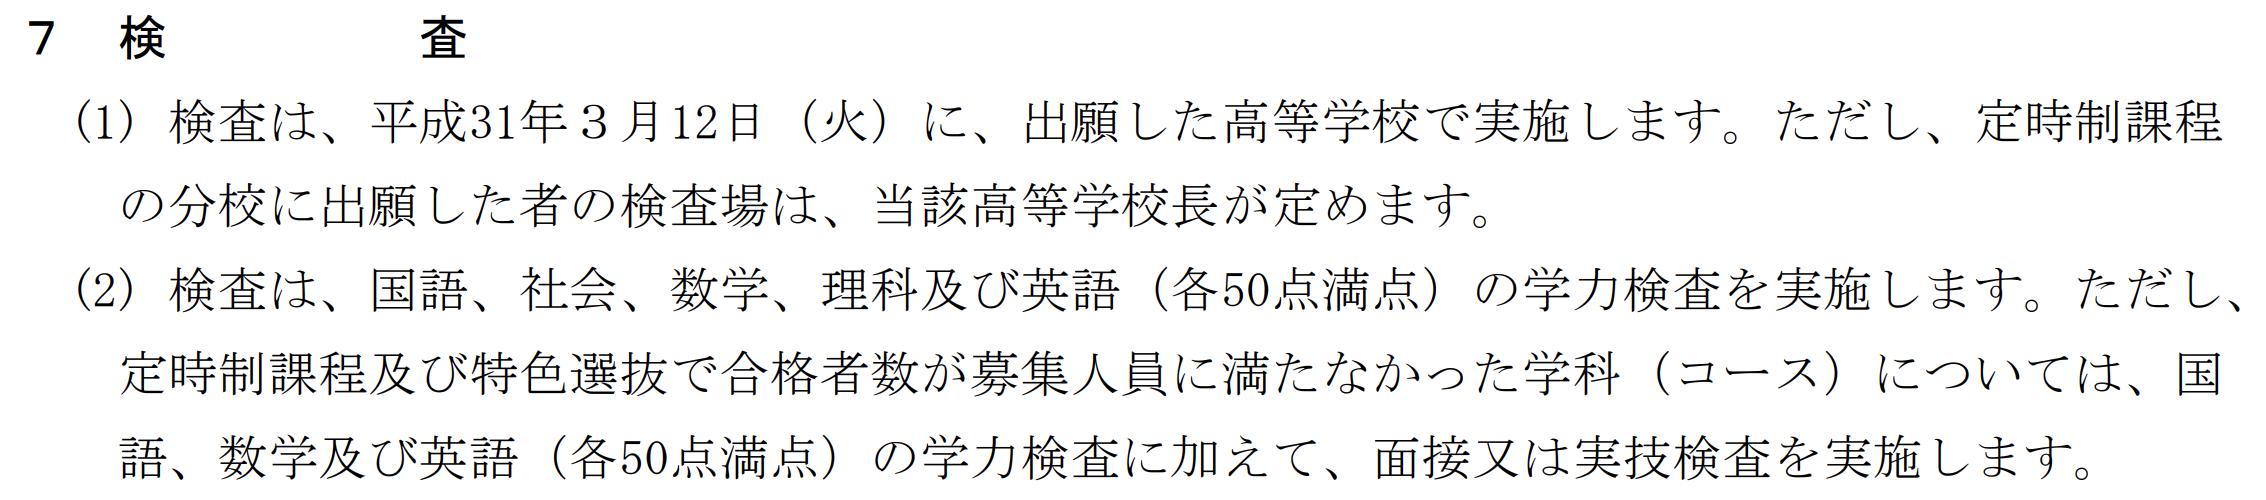 奈良県公立高校入試制度